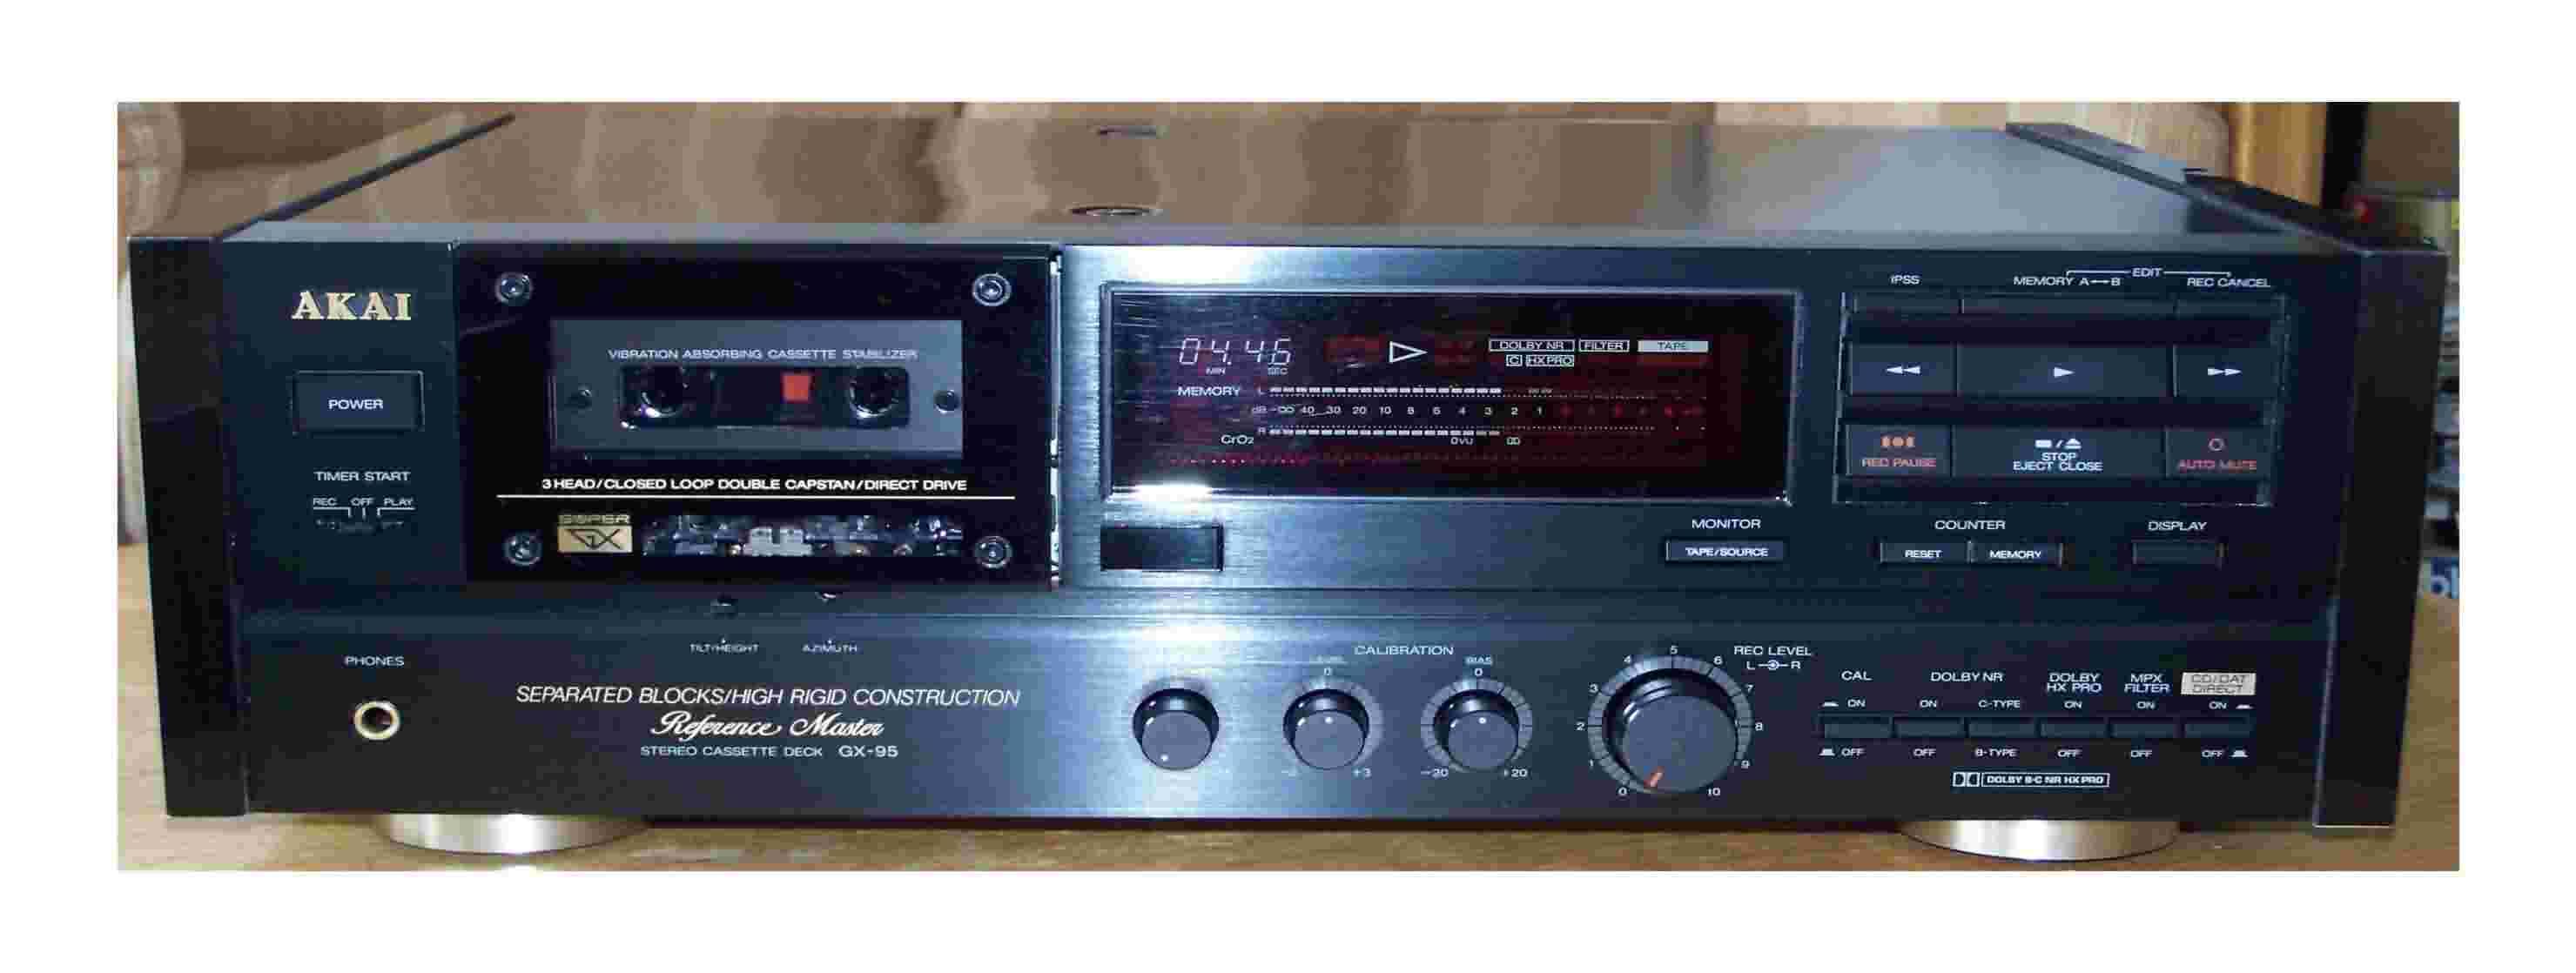 Akai GX CS DX Denon DR DRM DRS Nakamichi Onkyo TA Sony TC Yamaha K KX